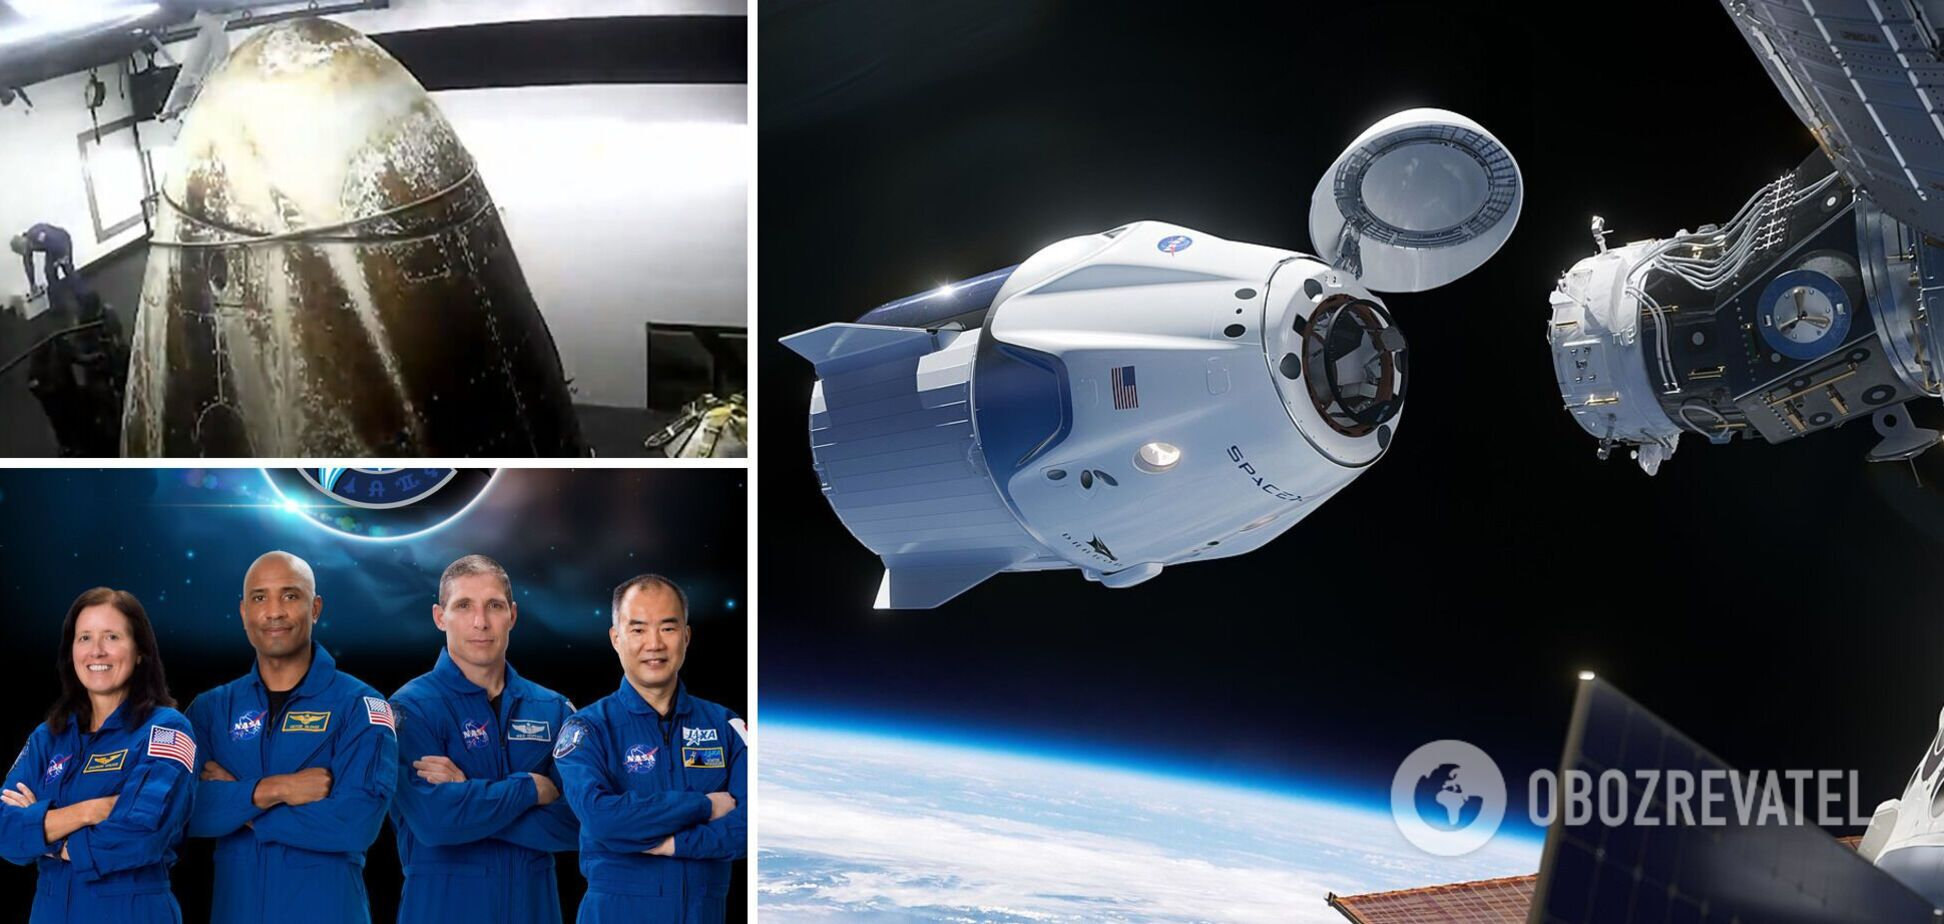 Корабль Crew Dragon-1 с астронавтами приводнился в Мексиканском заливе. Видео